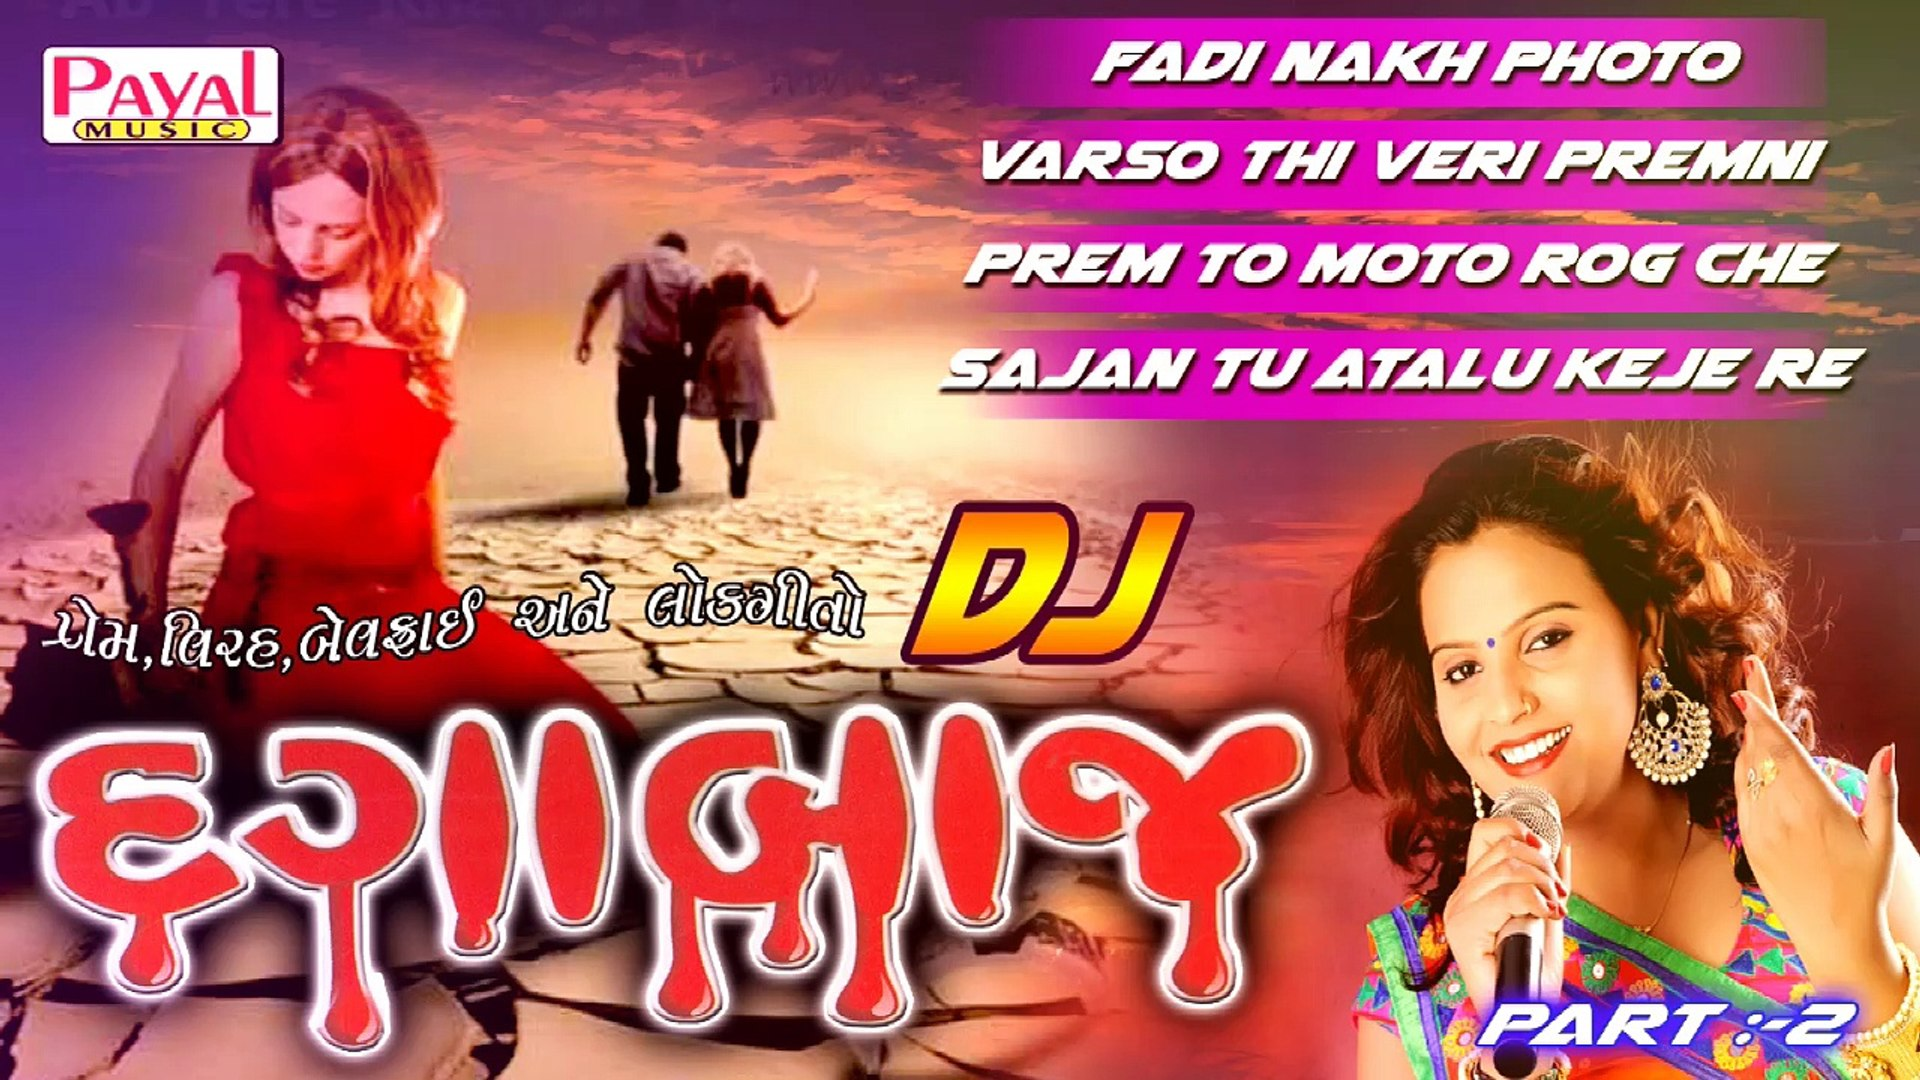 dagabaaz re songs pk garba 2 mp3 song